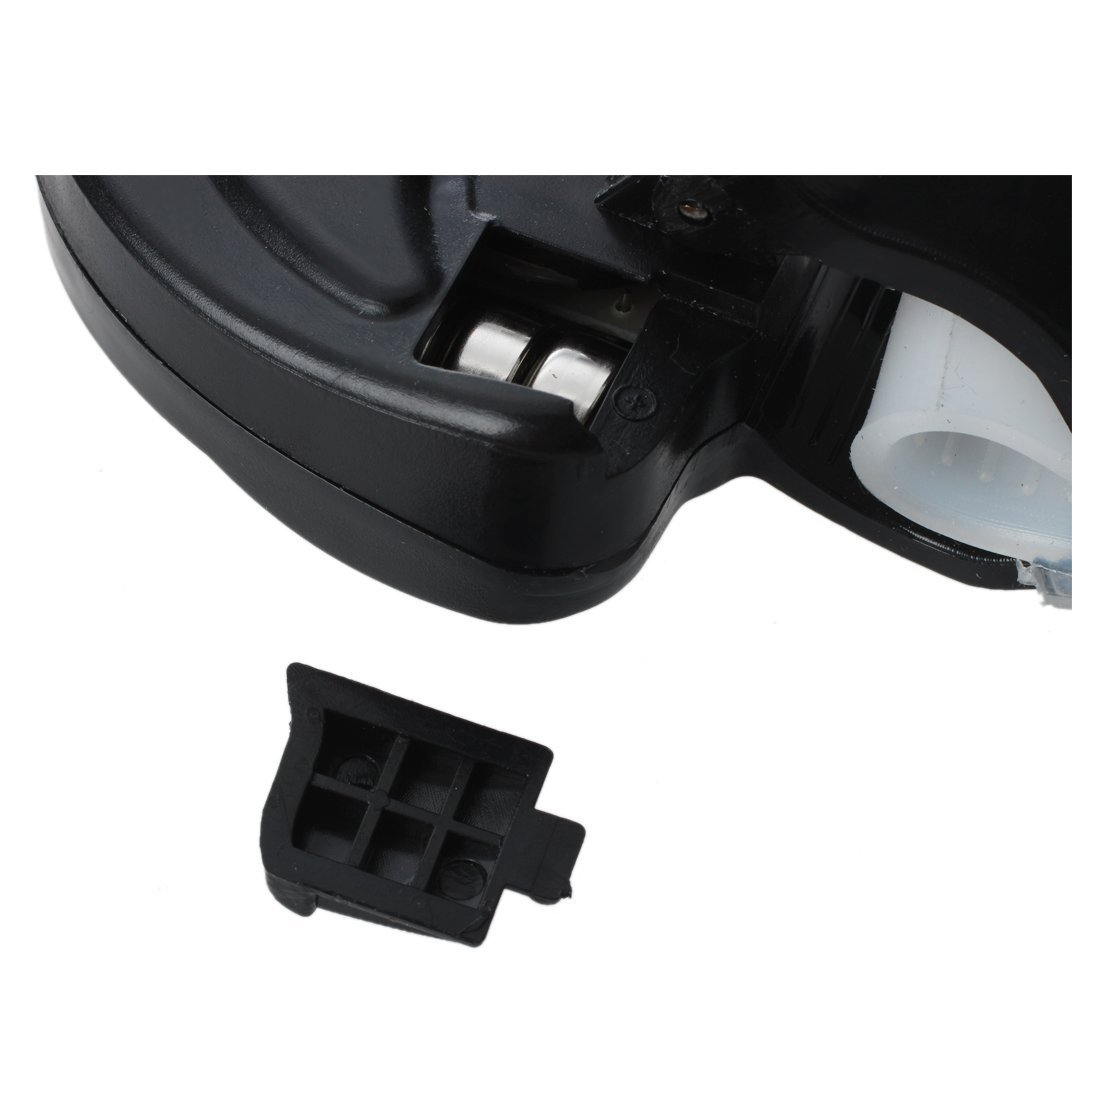 SODIAL(R) Pesca mordedura de alarma Indicador de Bell LED impermeable con cana + Baterias Nightlight - Negro: Amazon.es: Bricolaje y herramientas